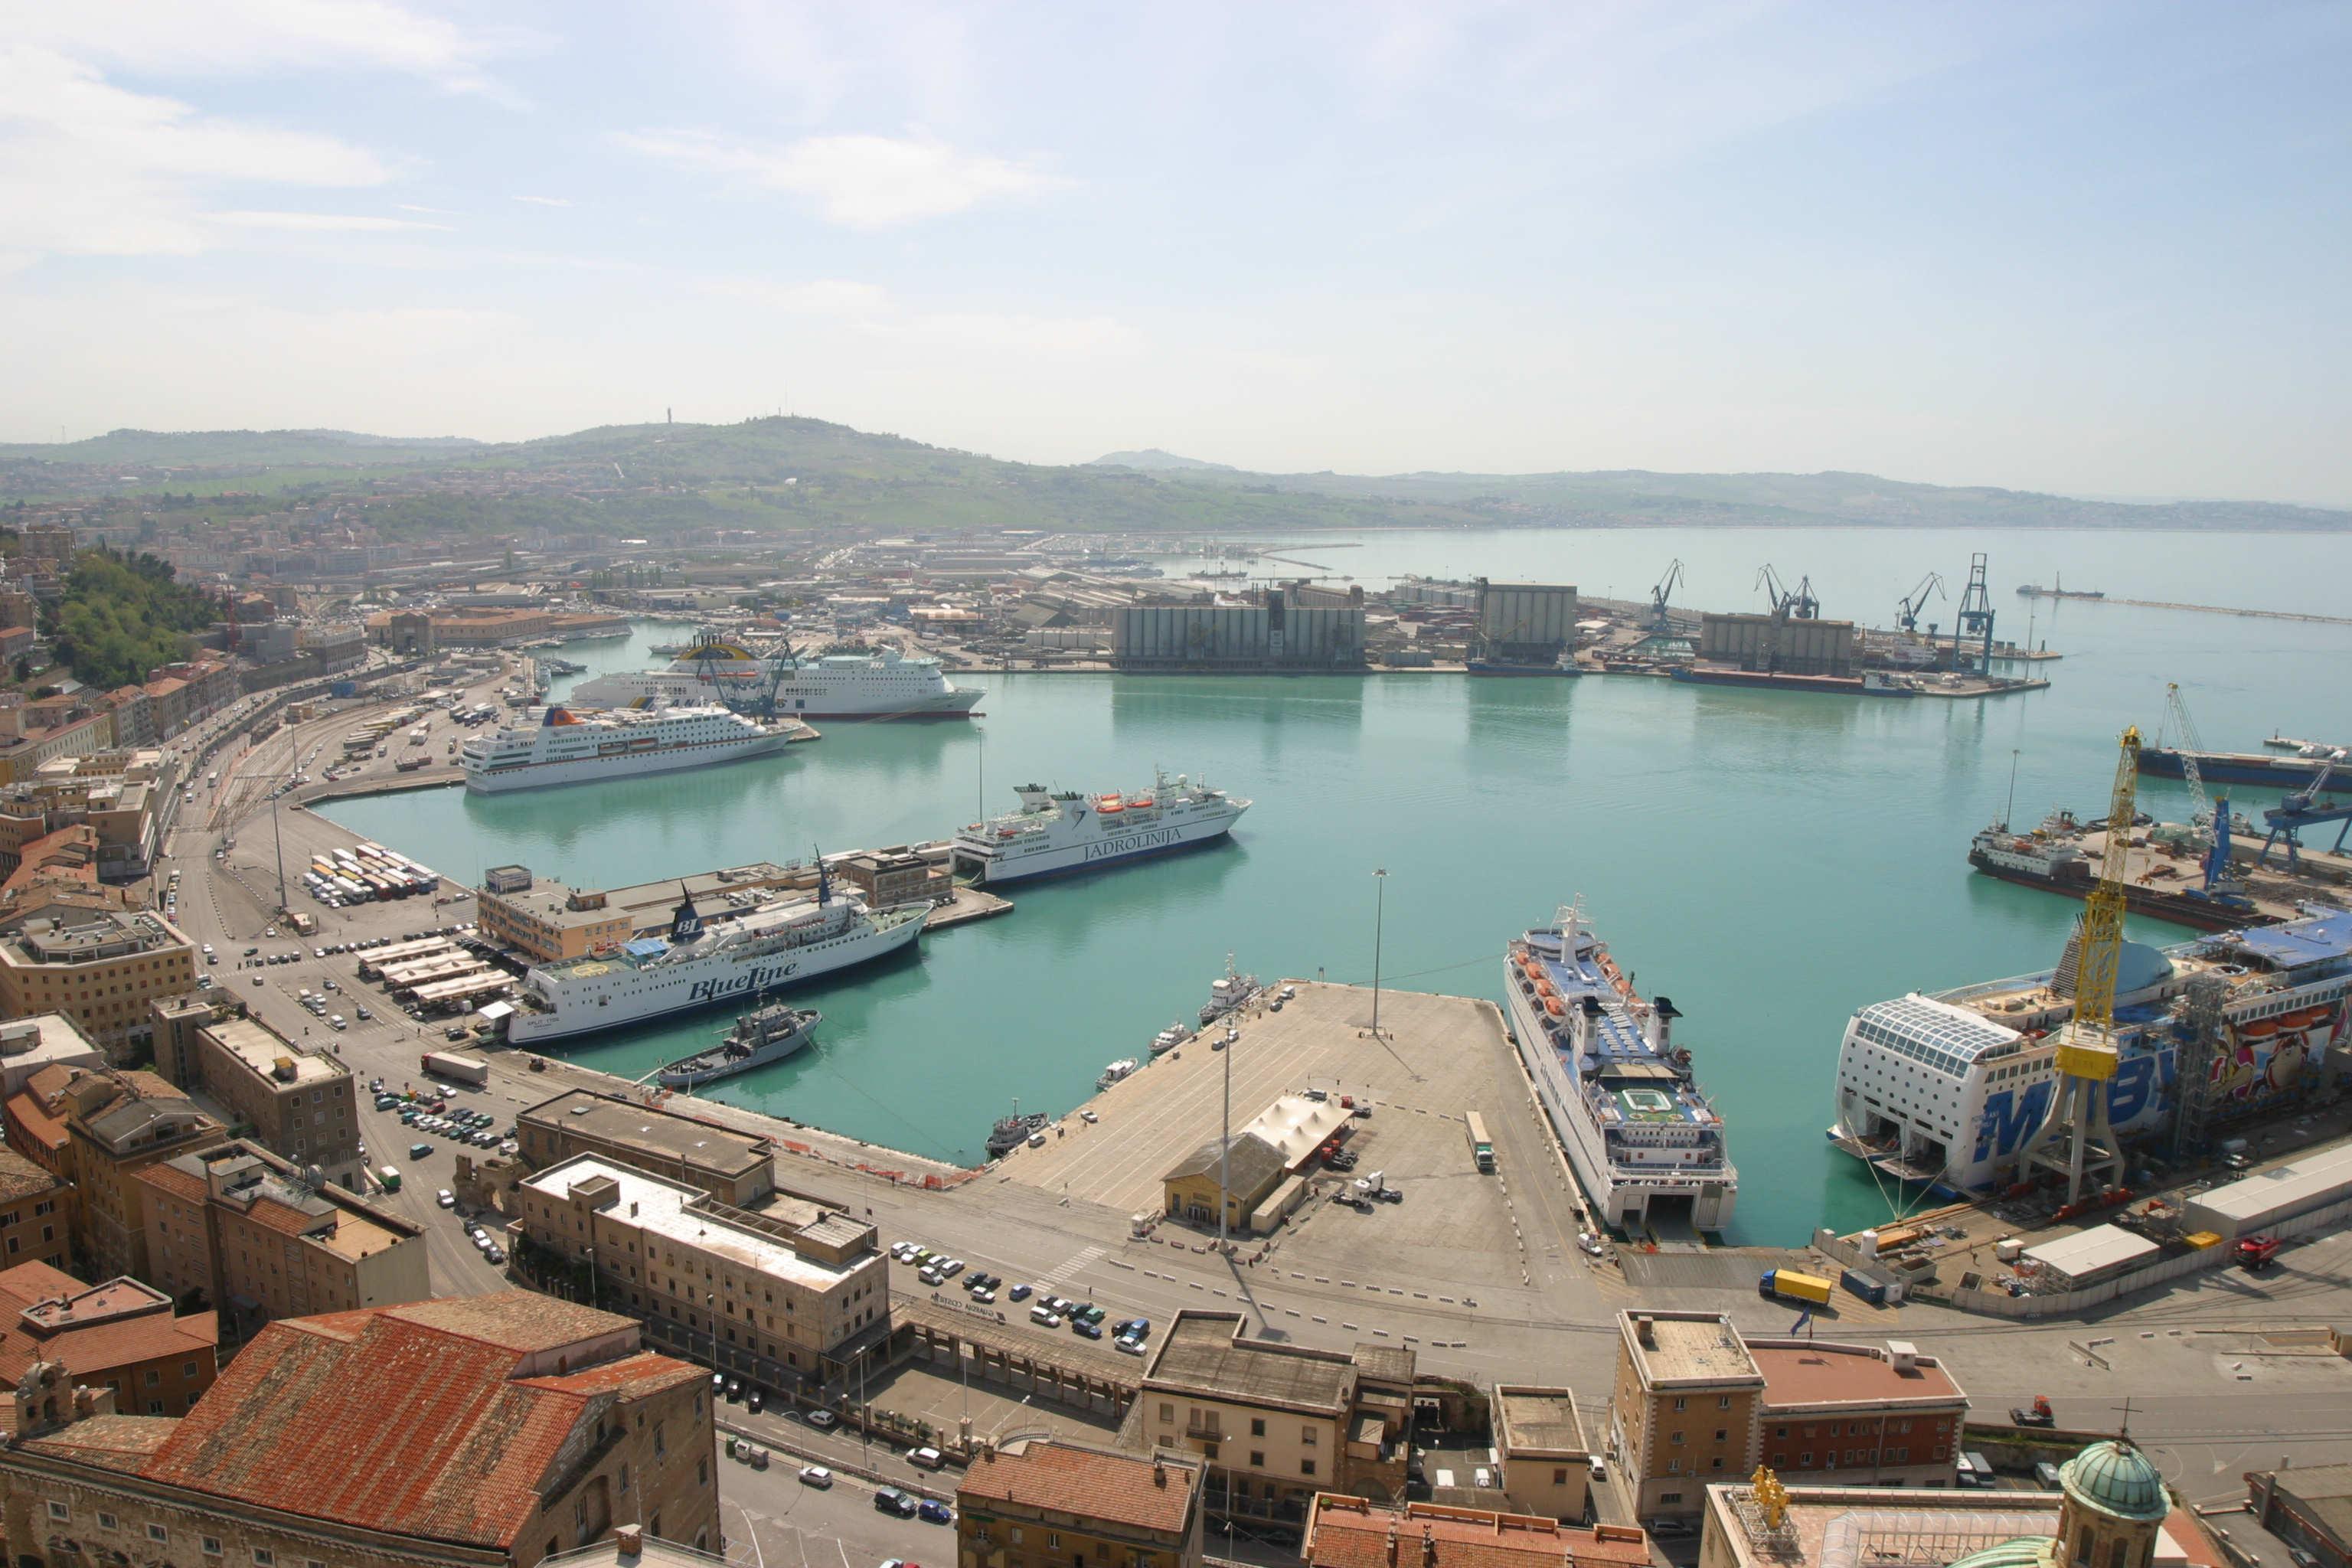 L'Italie compte de nombreux ports avec des terminaux à ferry